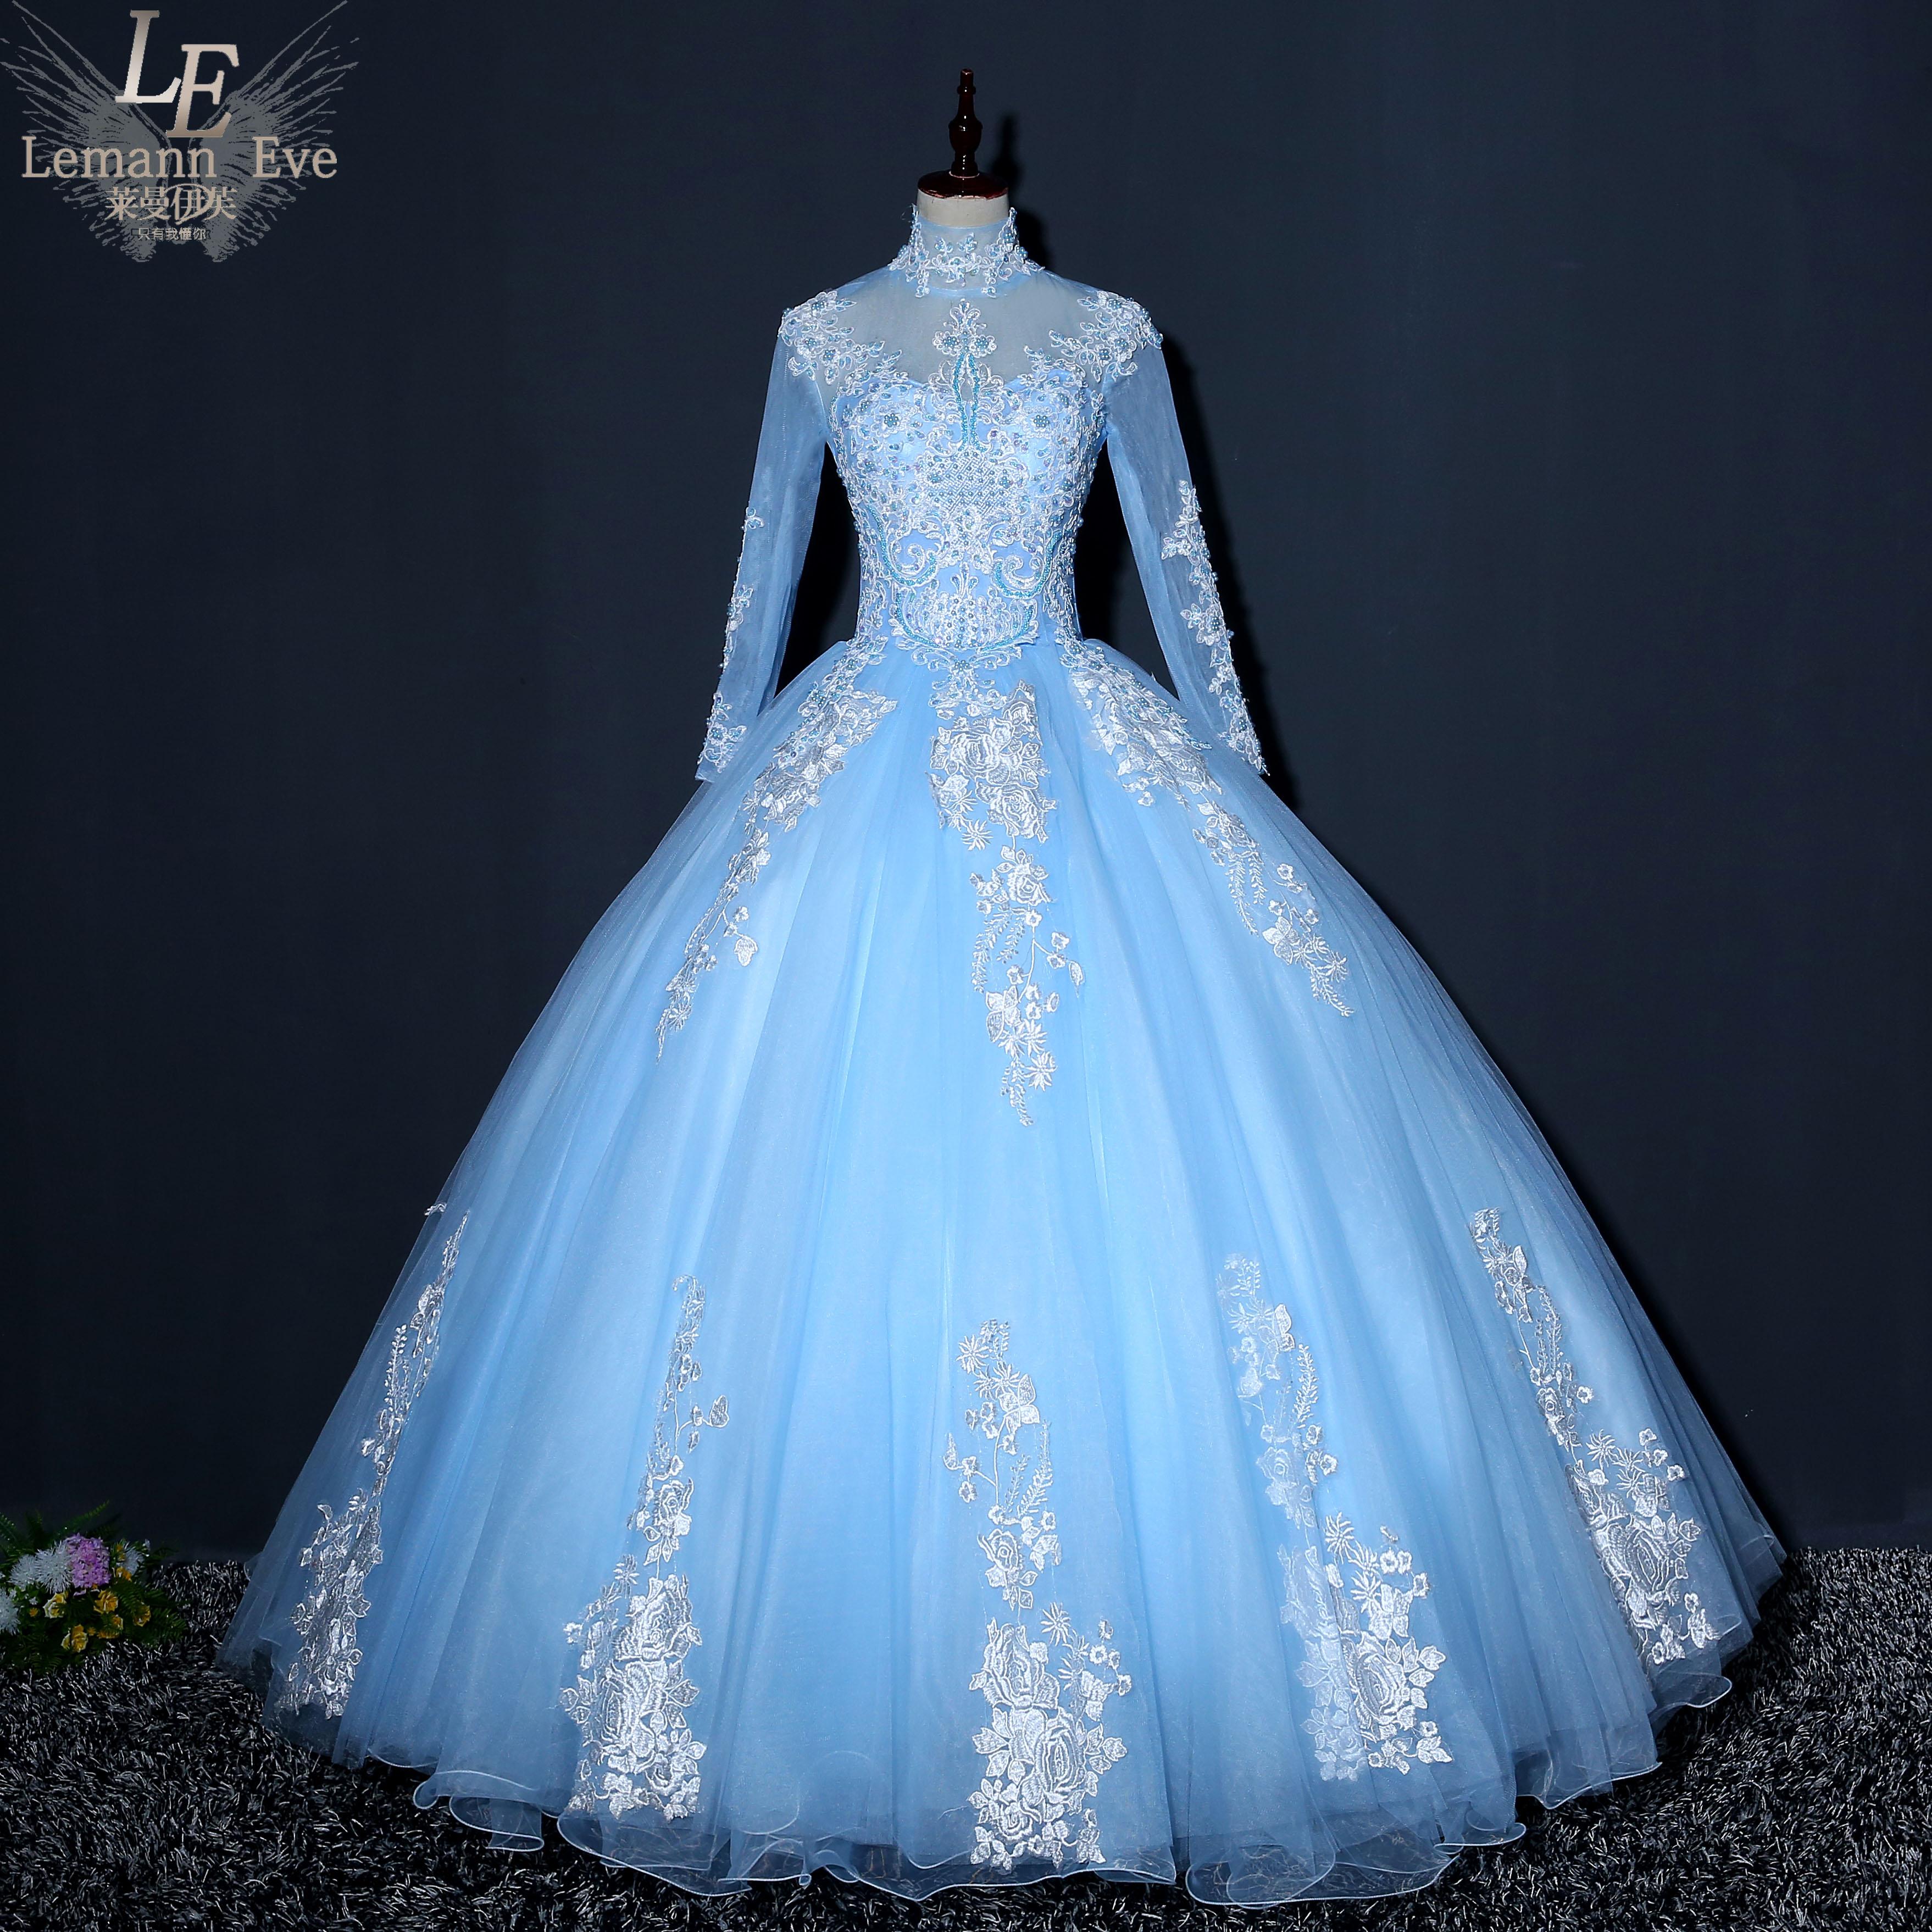 新款立领彩色婚纱礼服艺考独唱演出服蓬蓬裙声乐合唱主持晚礼服女